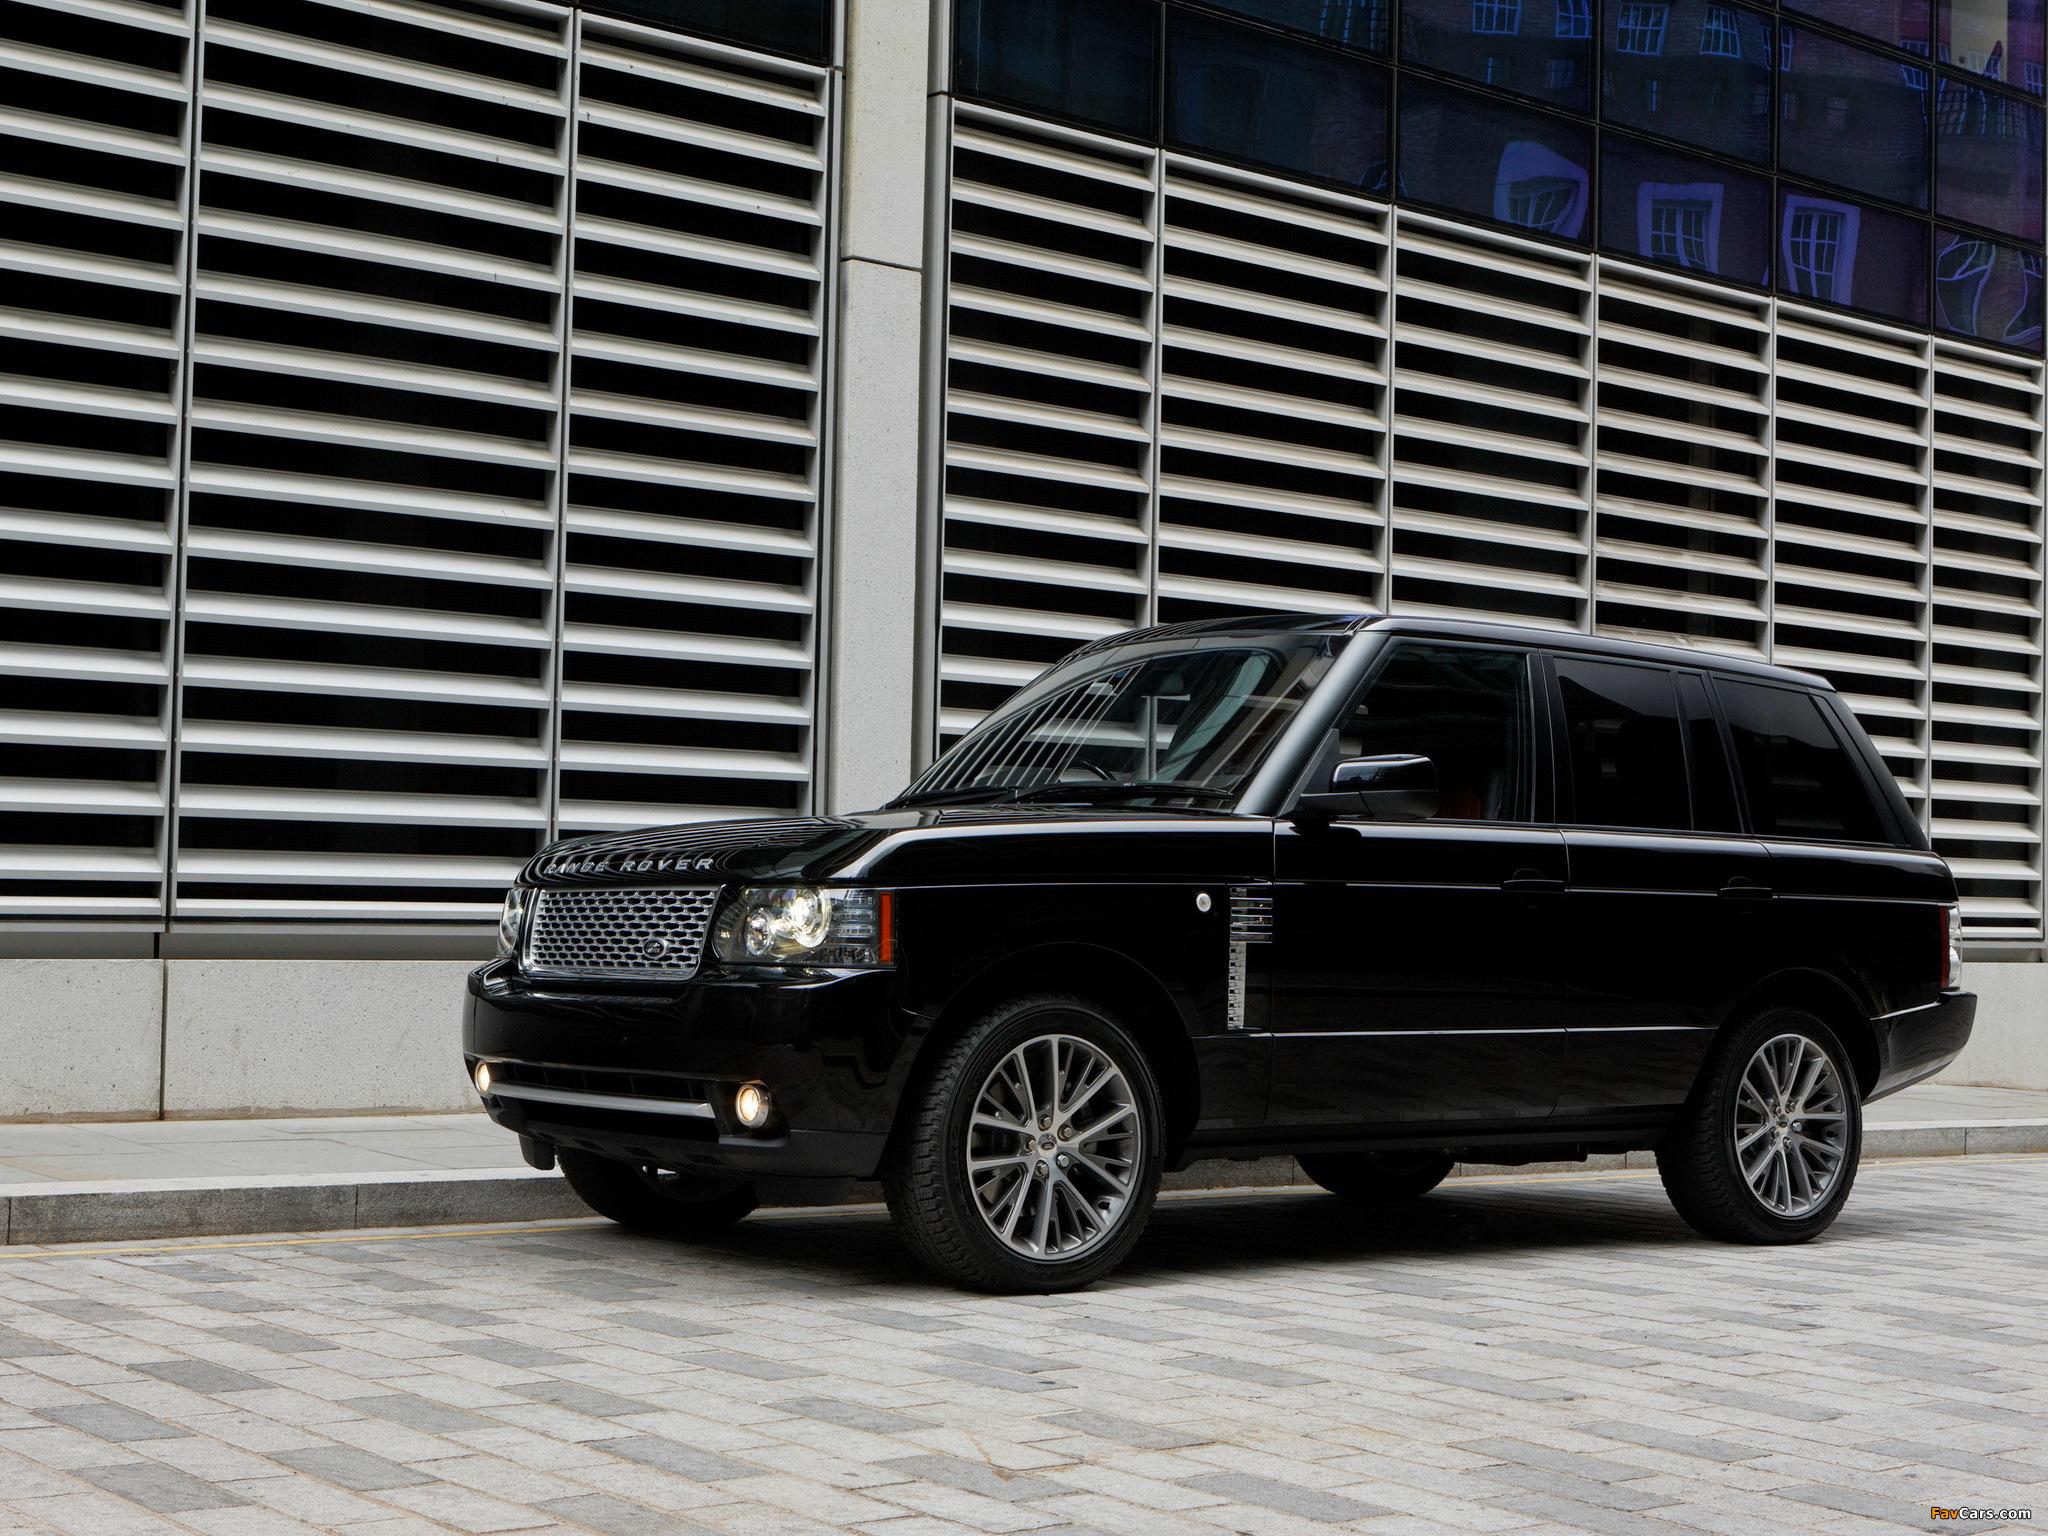 Range Rover Autobiography 2010 >> Range Rover Autobiography Black (L322) 2010 wallpapers (2048x1536)